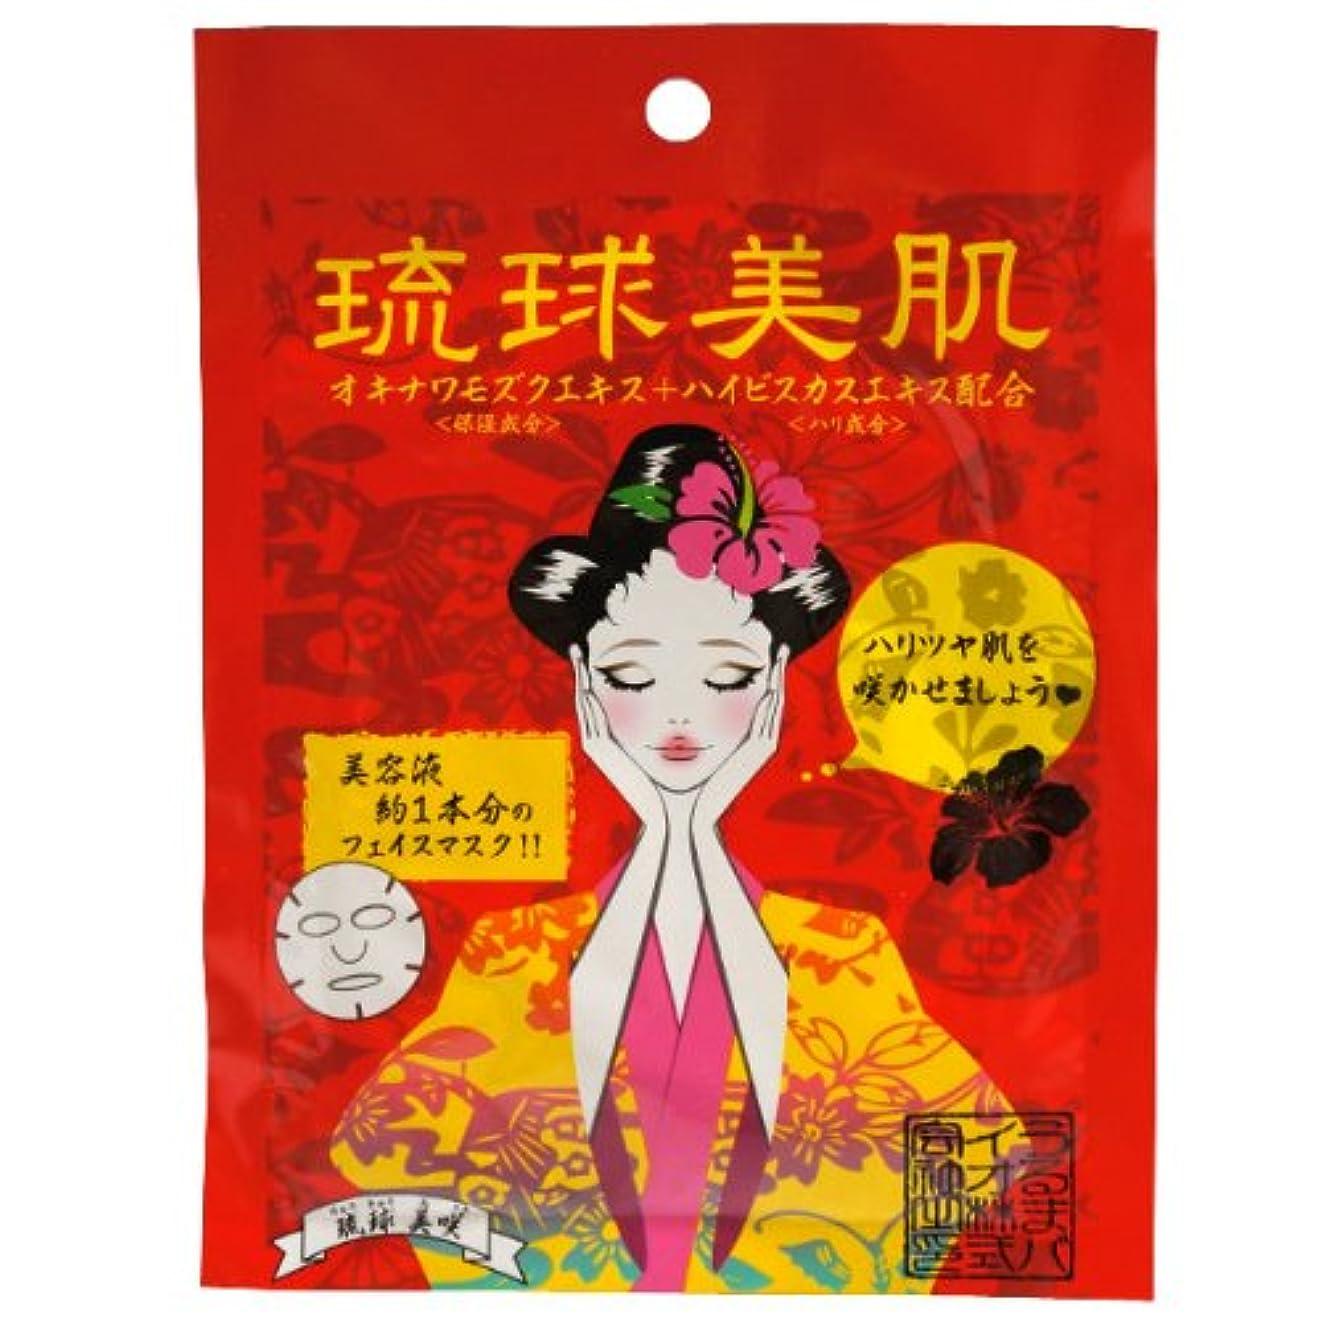 注ぎますうなずくあなたは琉球美肌 ハイビスカスの香り